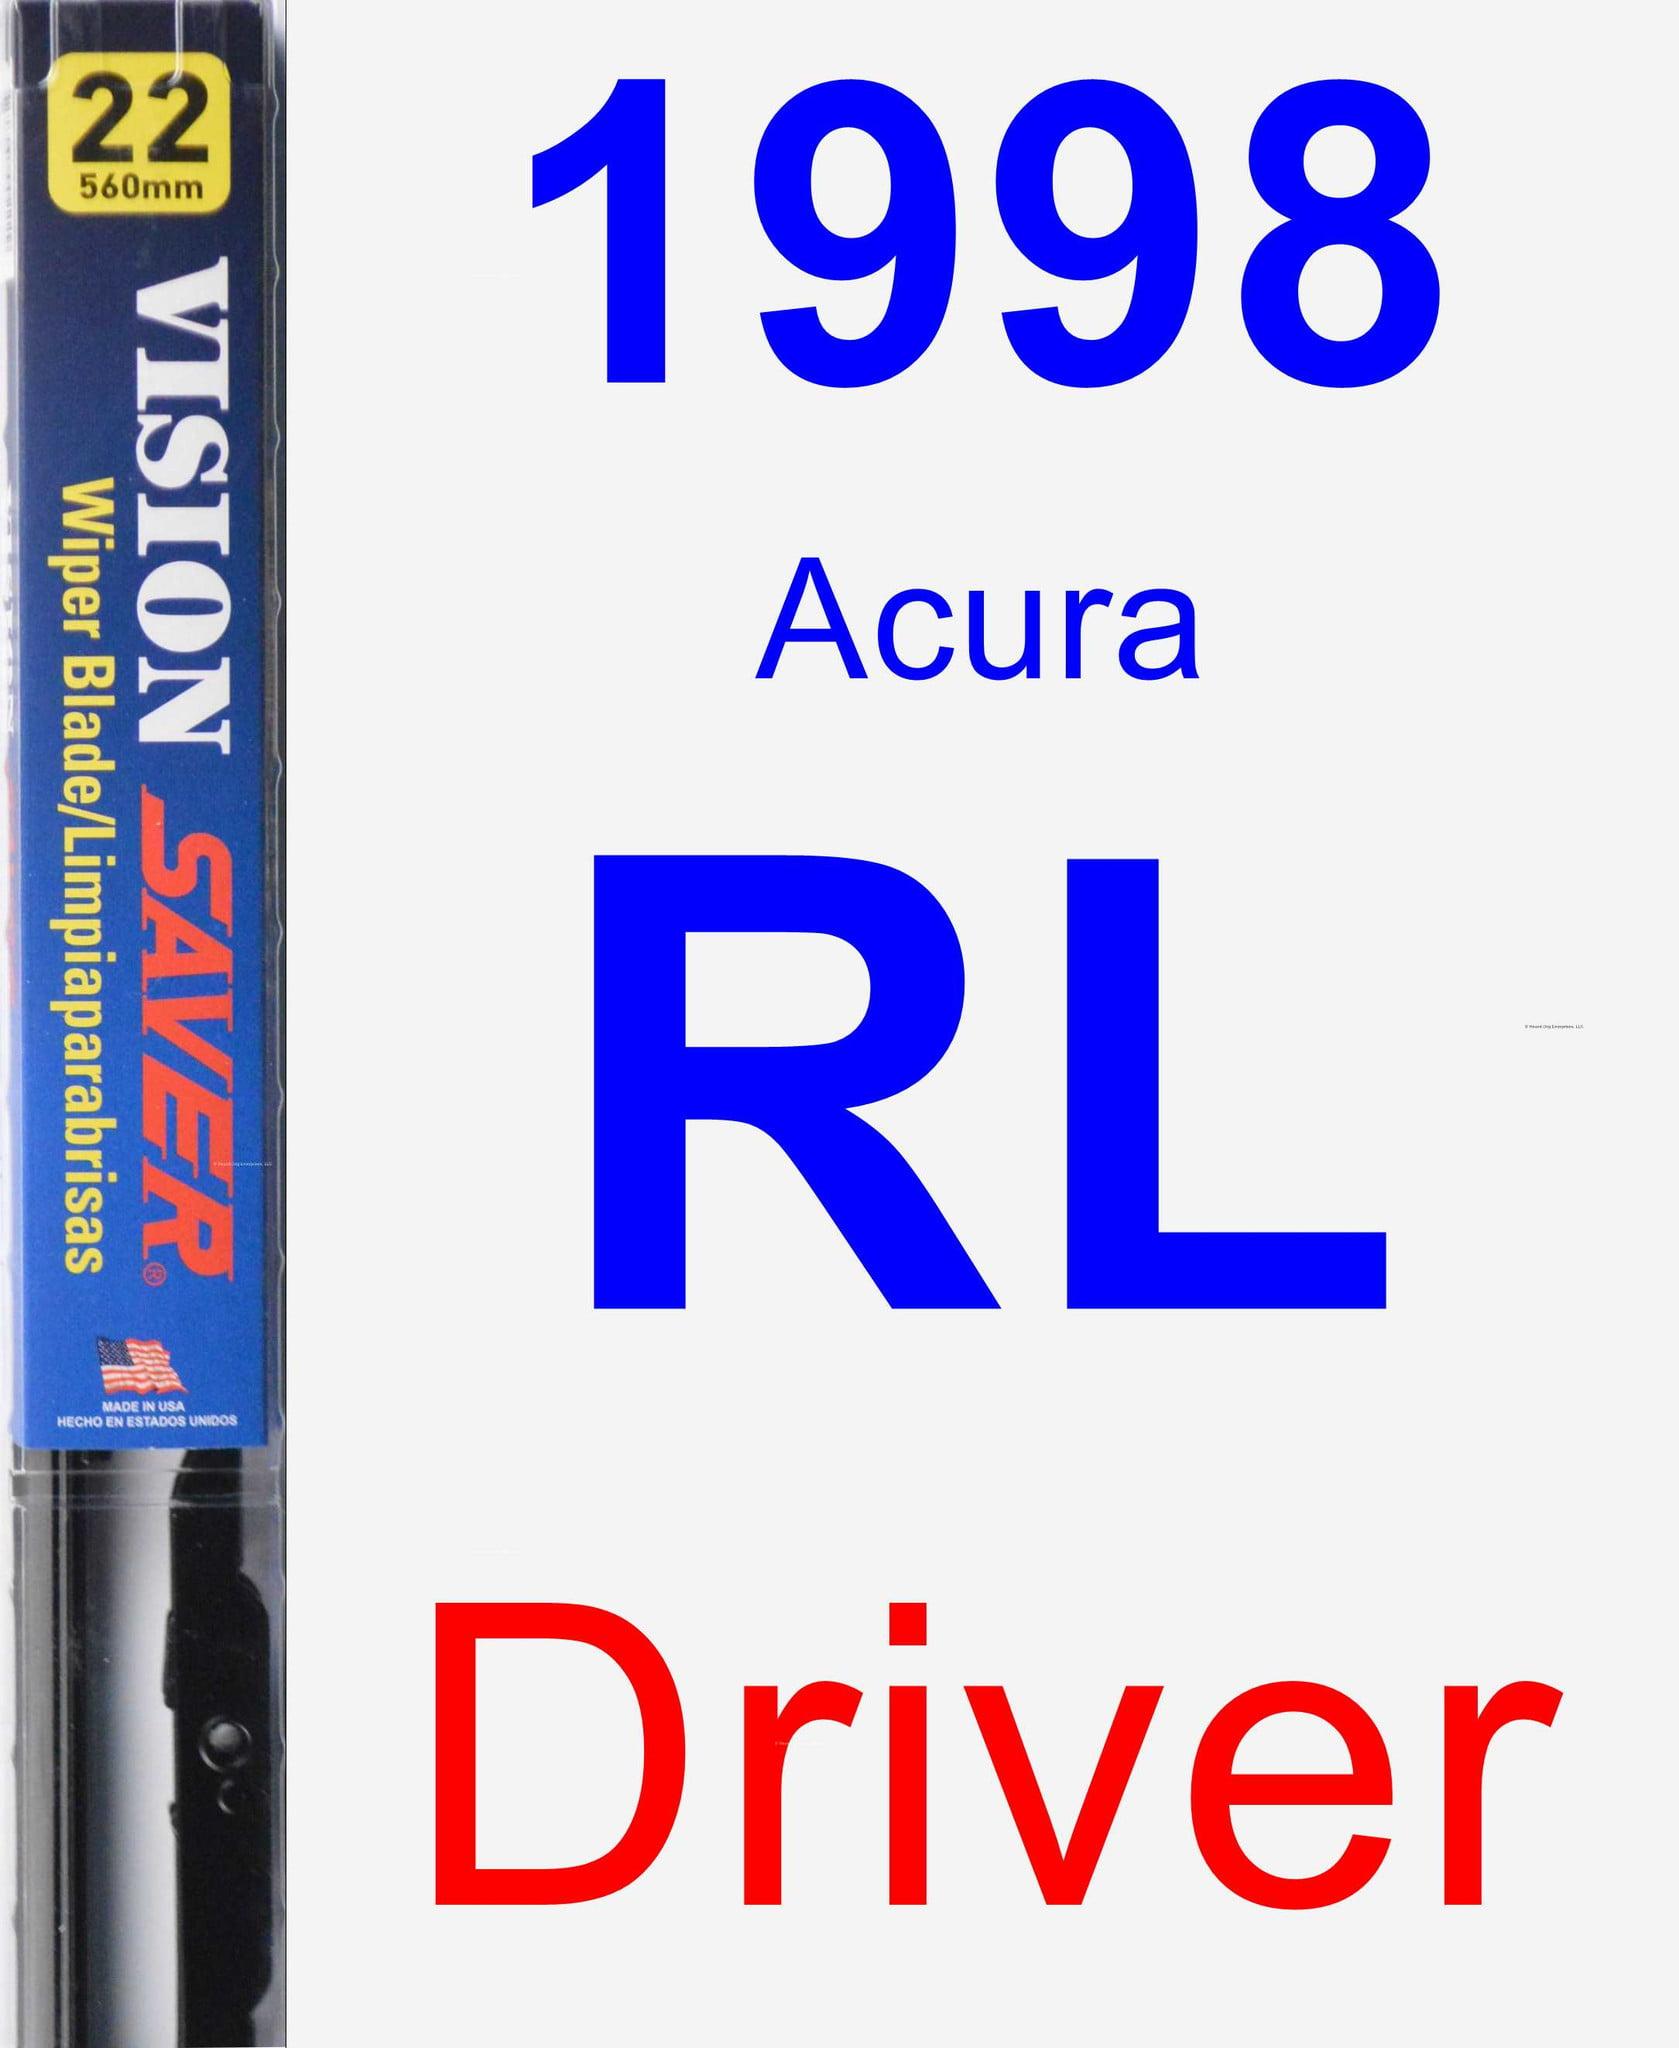 1998 Acura RL Driver Wiper Blade